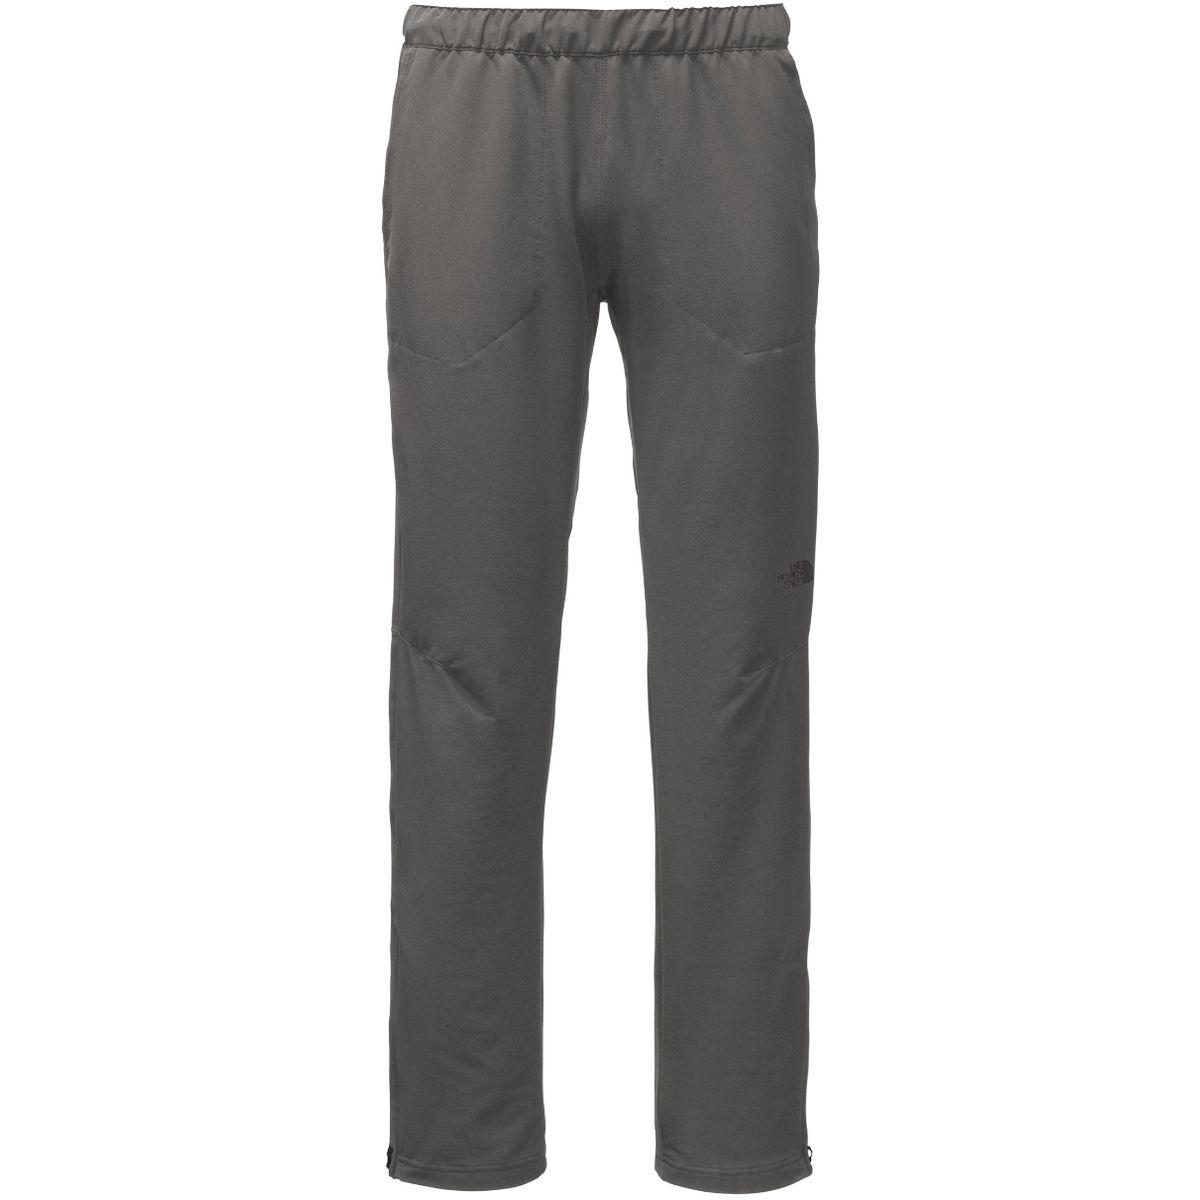 The North Face Kilowatt Pants